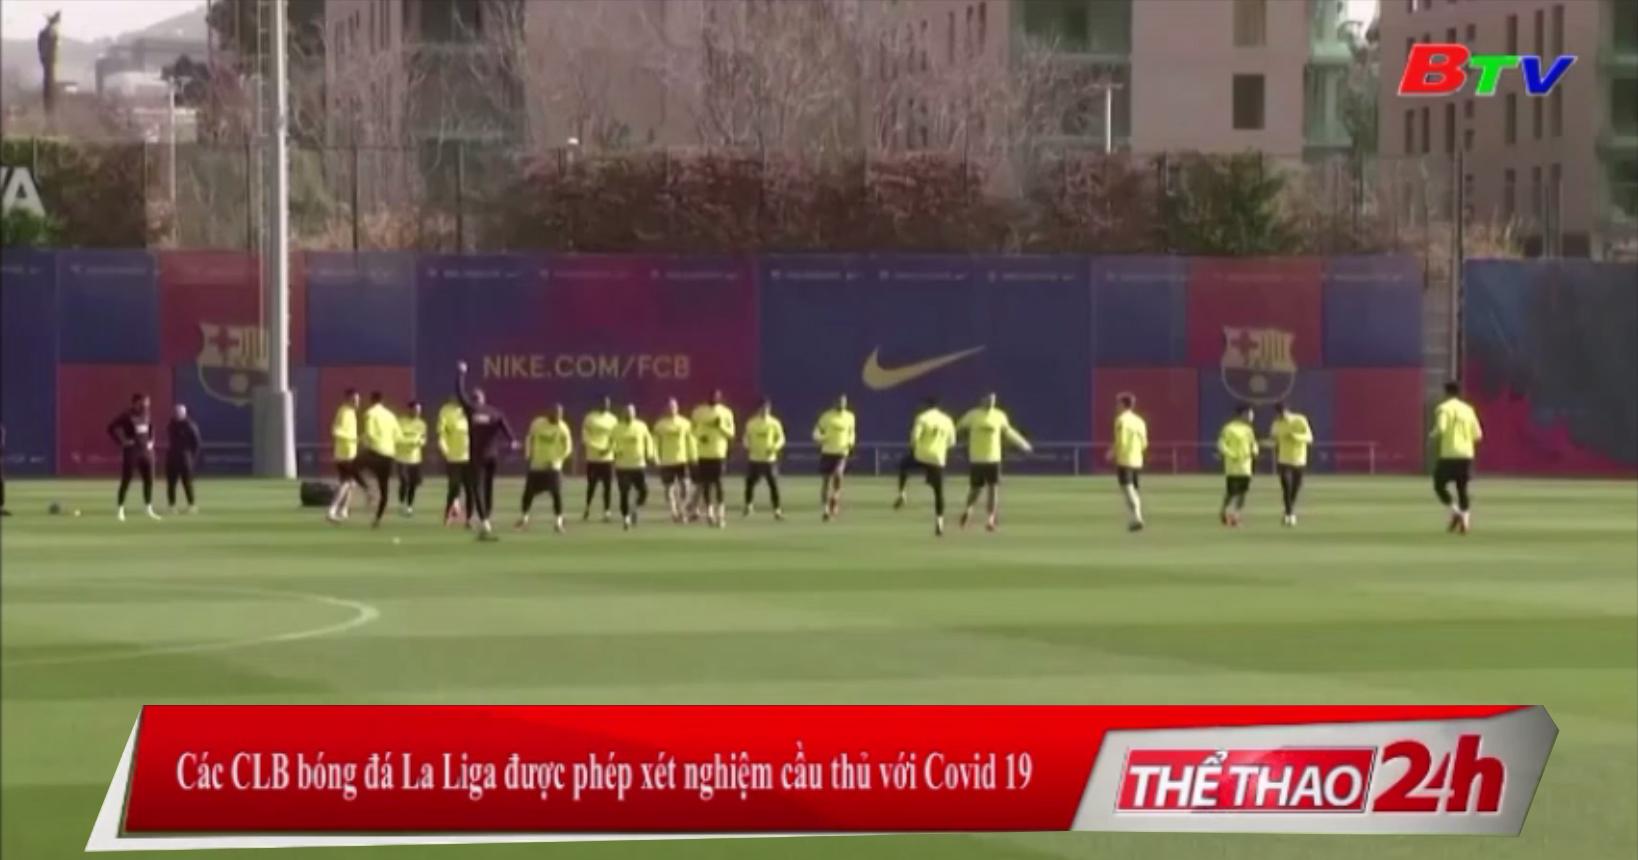 Các CLB bóng đá La Liga được phép xét nghiệm cầu thủ với Covid-19